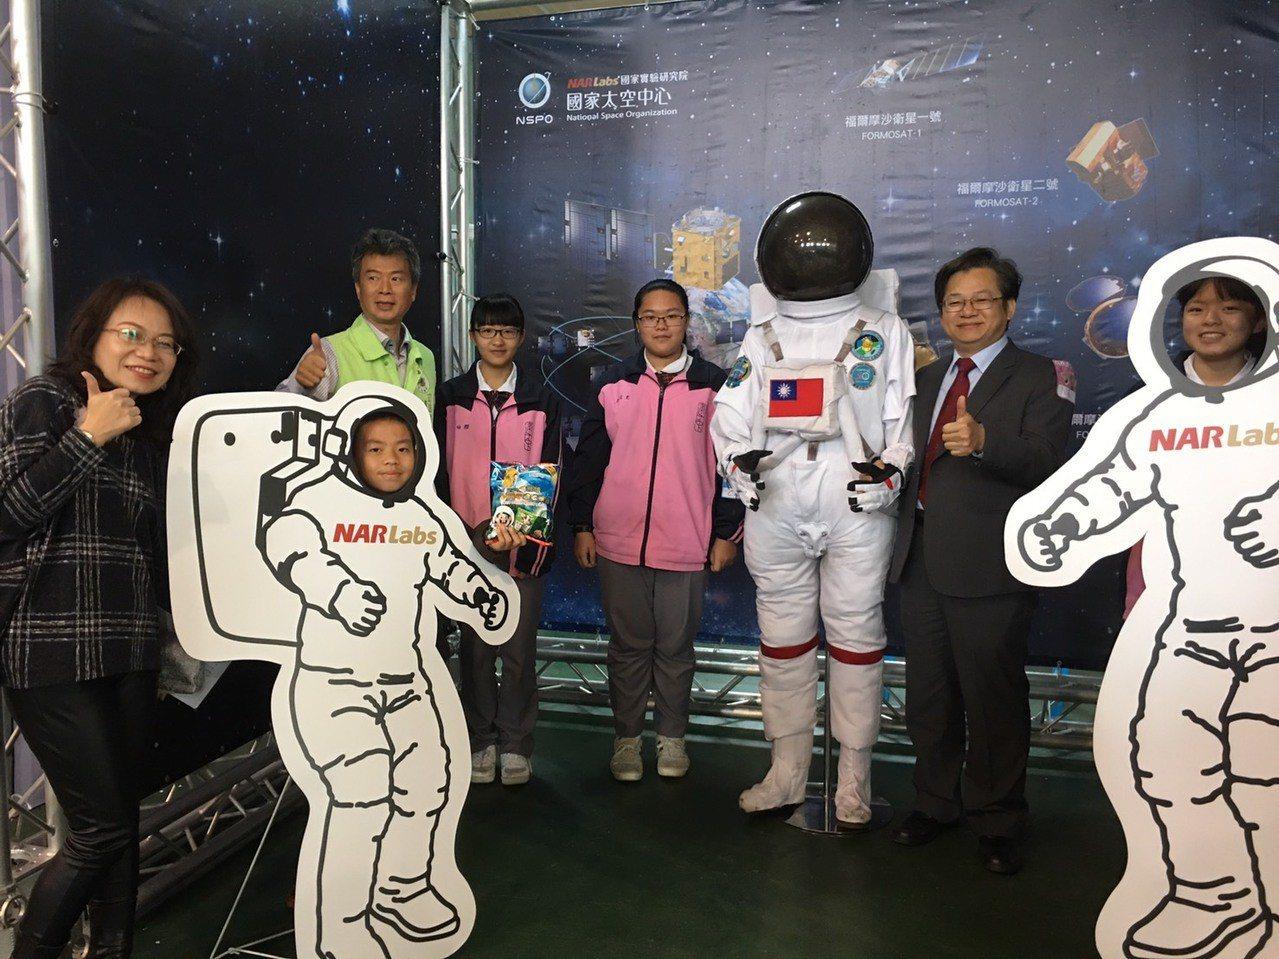 由雲林縣政府與國家實驗研究院太空中心共同主辦的雲林縣中小學太空科學教育月,今天在...